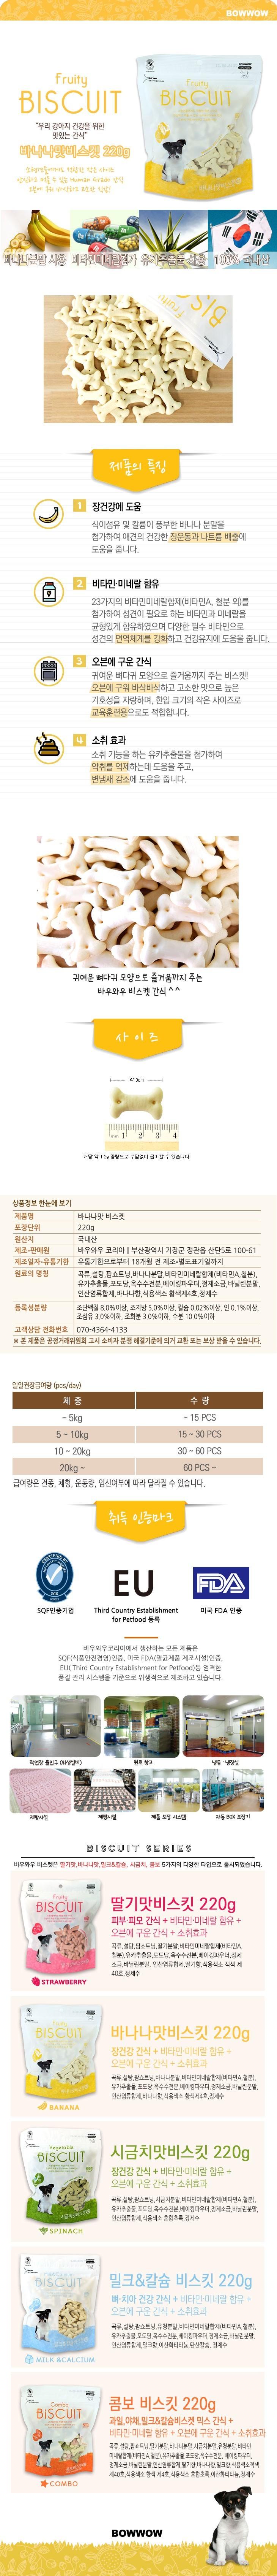 바우와우 바나나맛 비스켓 220g - 오-아, 3,400원, 간식/영양제, 수제간식